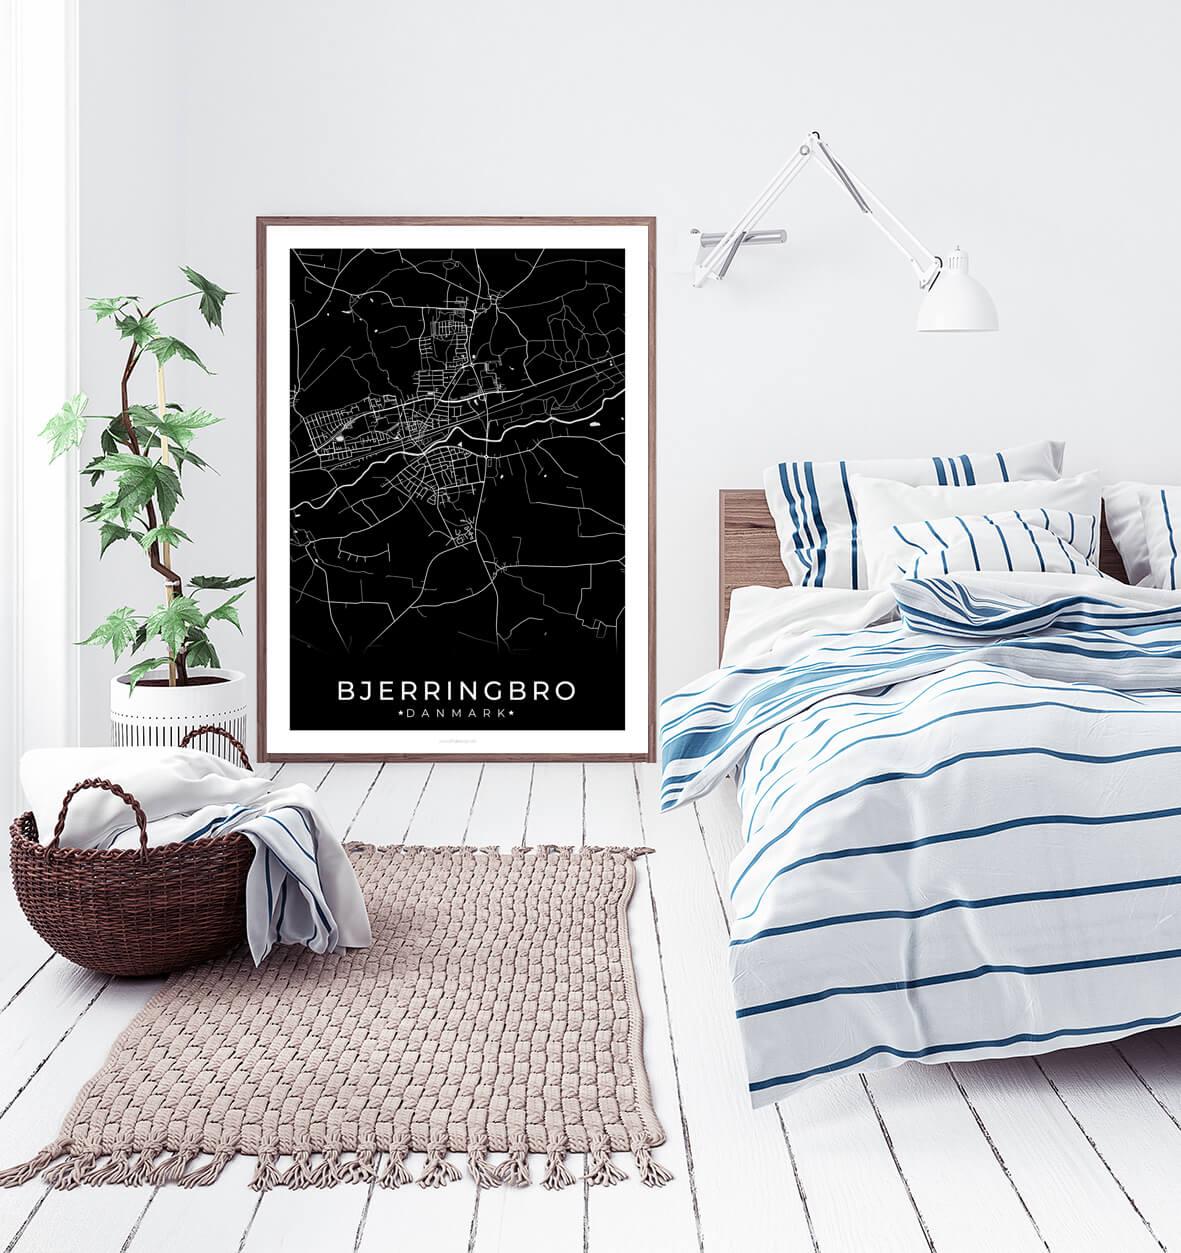 Bjerringbro-sort-byplakat-1